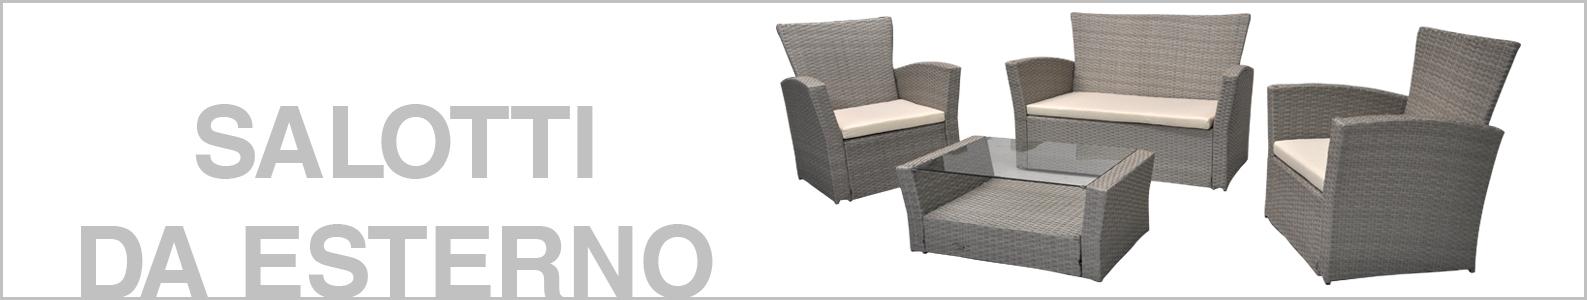 Salotto da giardino in rattan, set di divani da esterno in polyrattan bianco Aurora